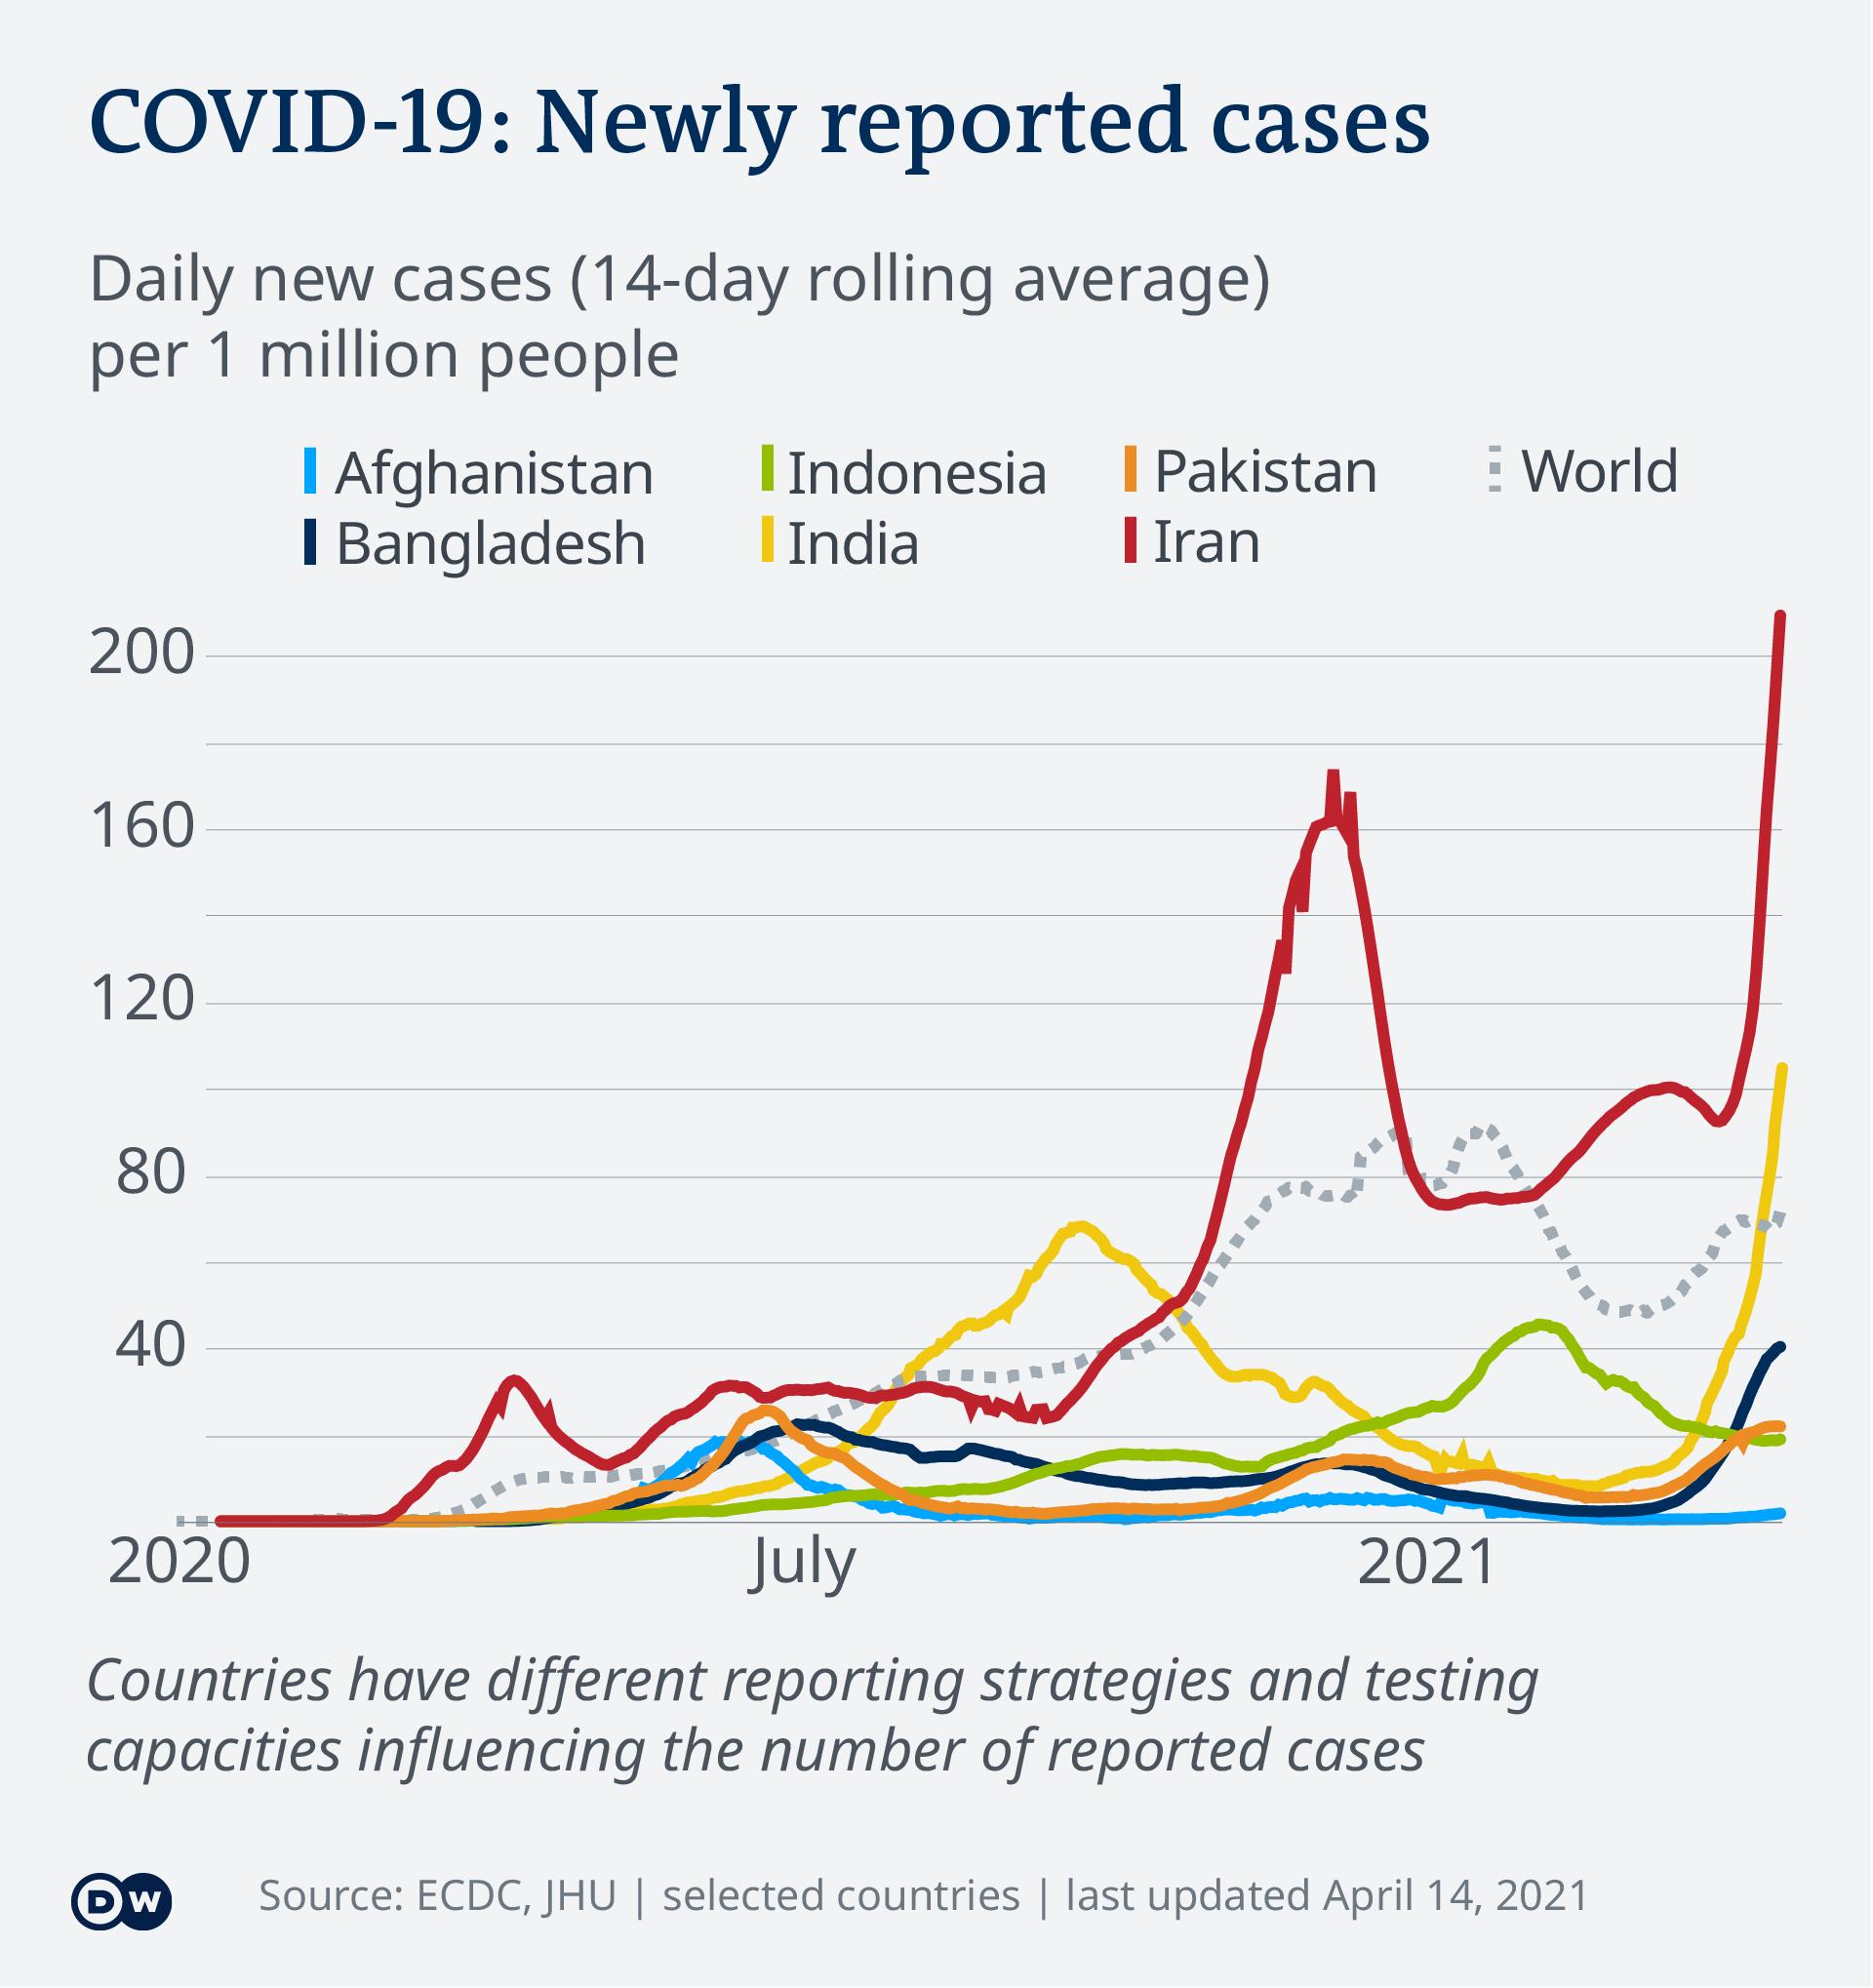 Perkembangan kasus Covid-19 di beberapa negara Asia sampai 14 April 2021